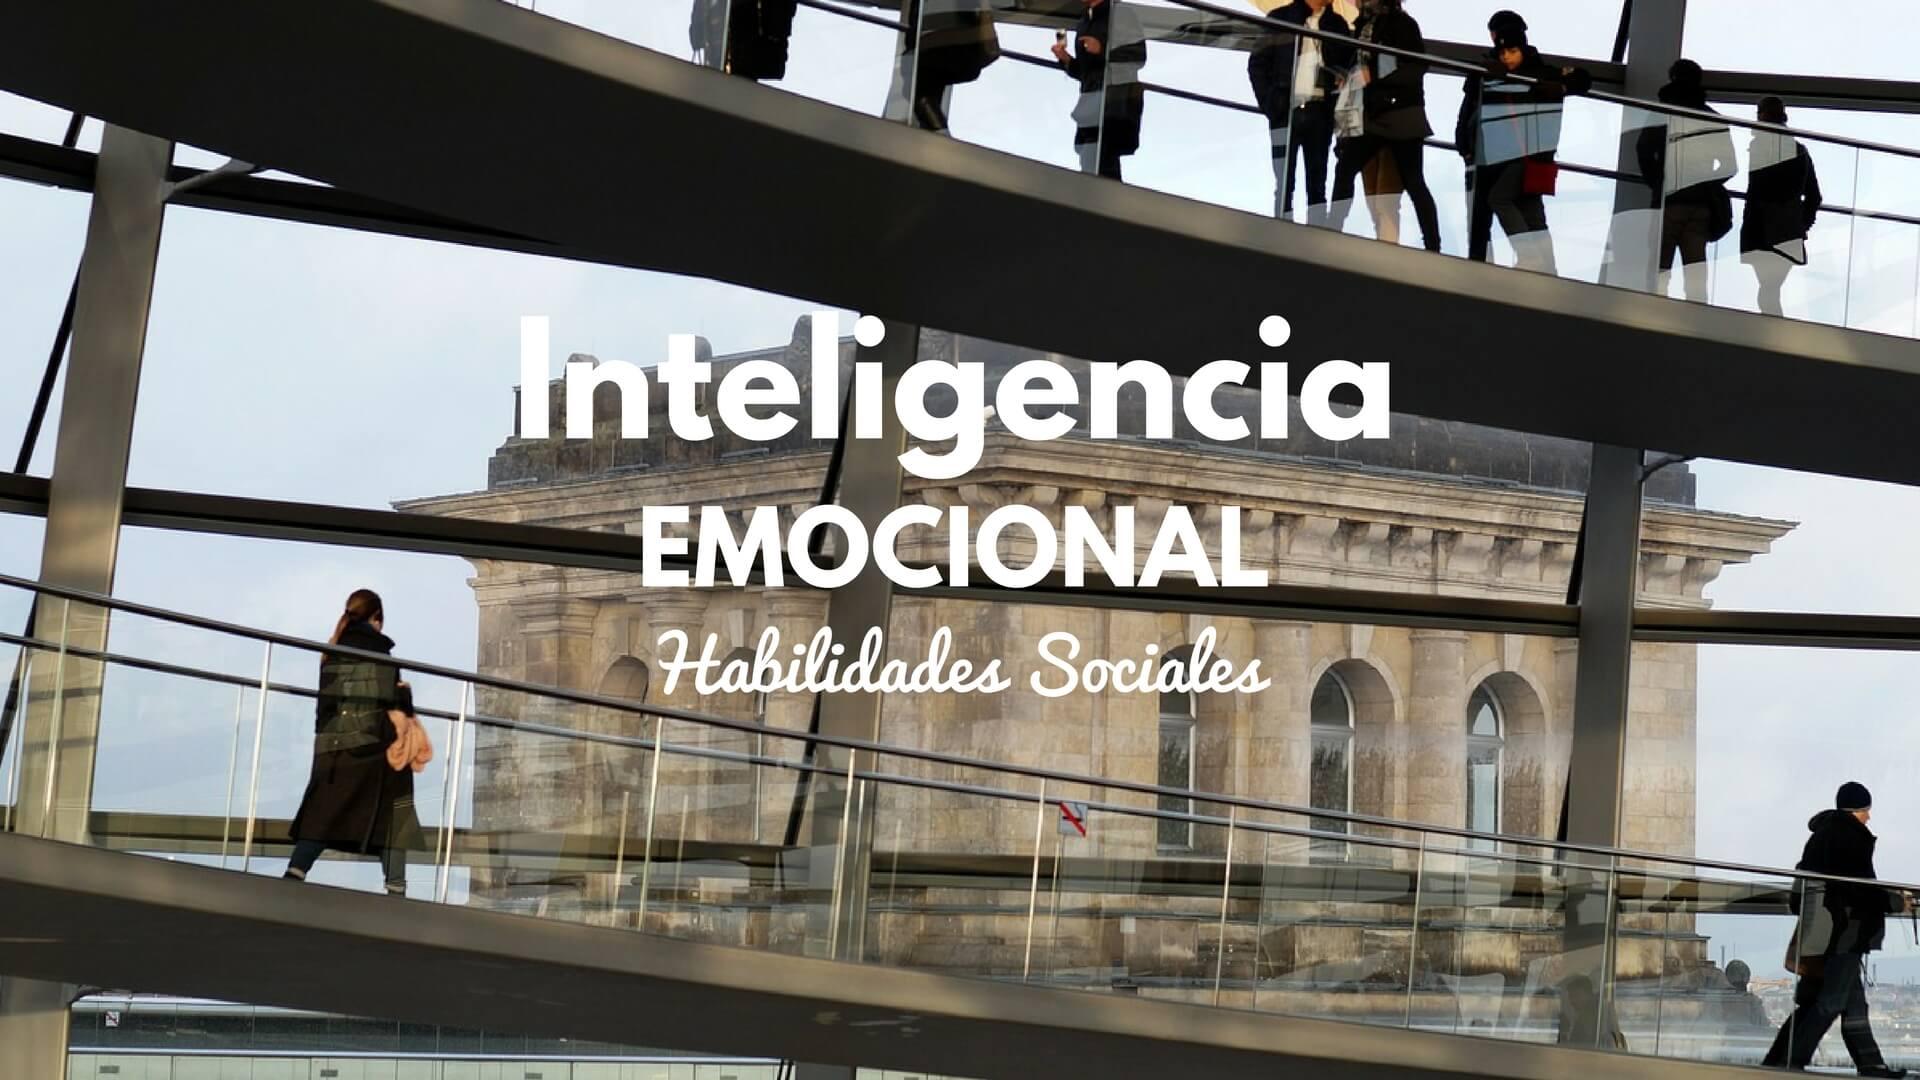 La inteligencia emocional (VI): Habilidades sociales